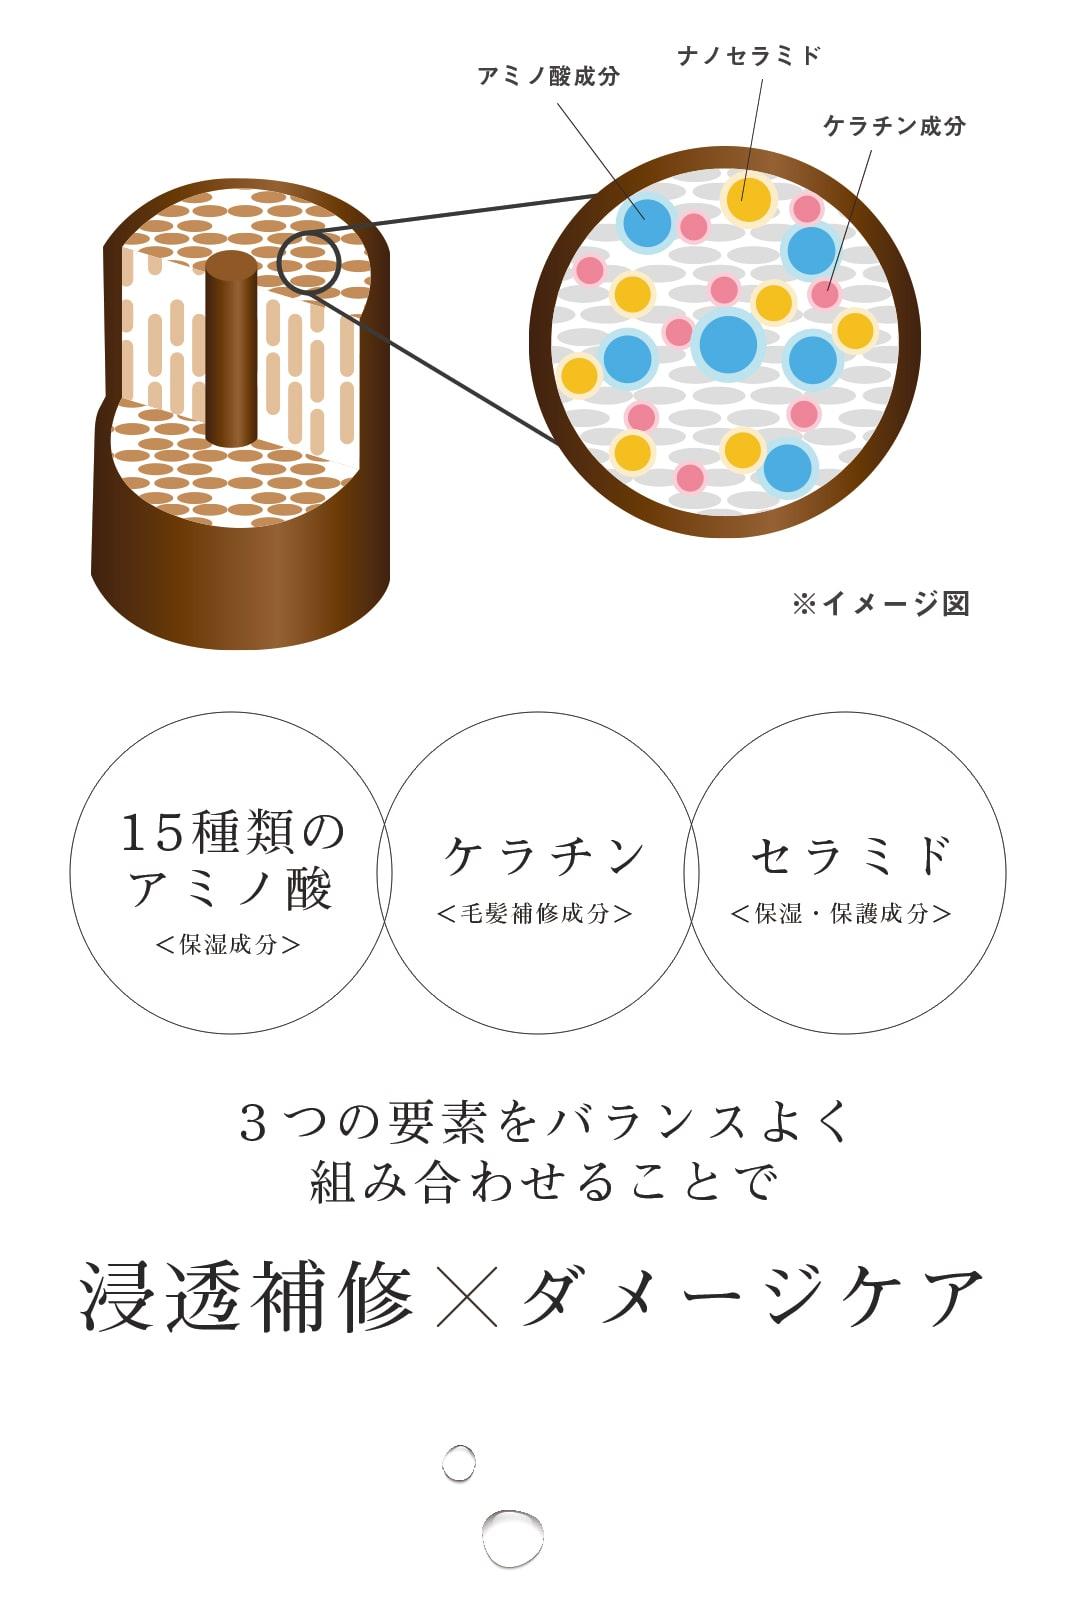 ジョアーロ/joearo/シャンプー/ノンシリコン/セット/ポンプ/スカルプ/アミノ酸/頭皮ケア/ボタニカル/楽天/送料無料